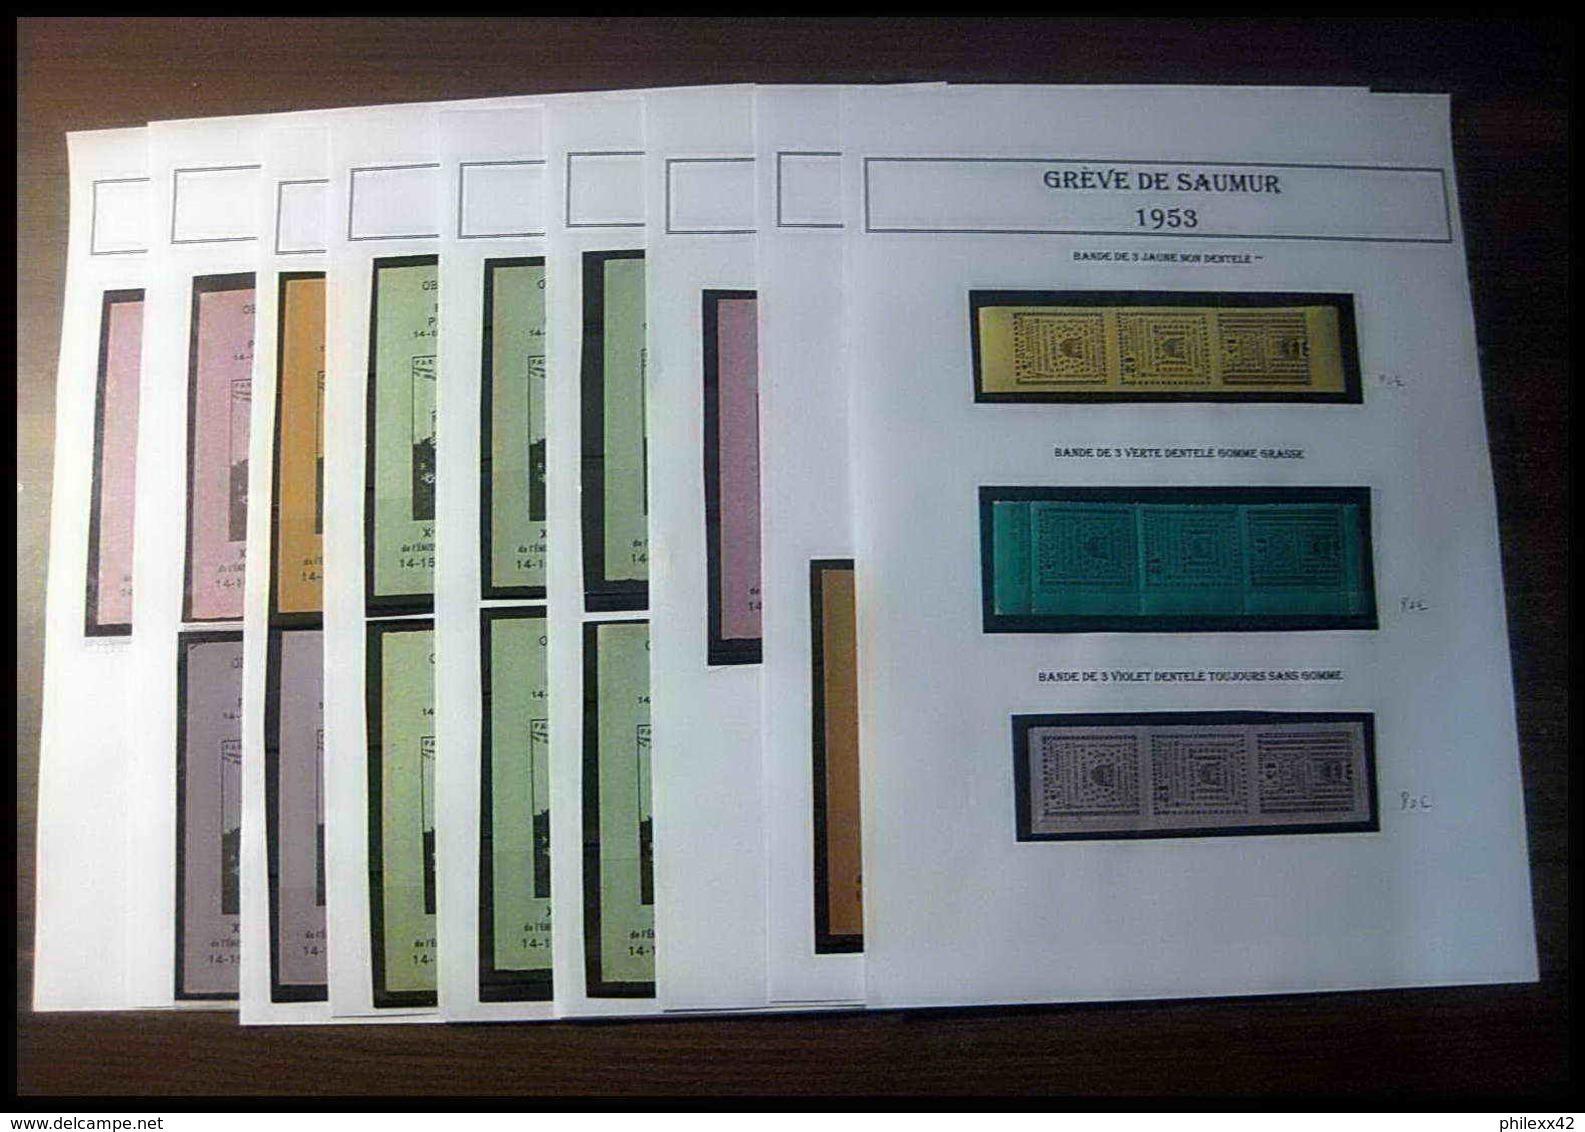 Départ 1 EURO - France - Timbres De Grève - Saumur 1953 Bel Ensemble Cote +/- 1000 Euros - Collections